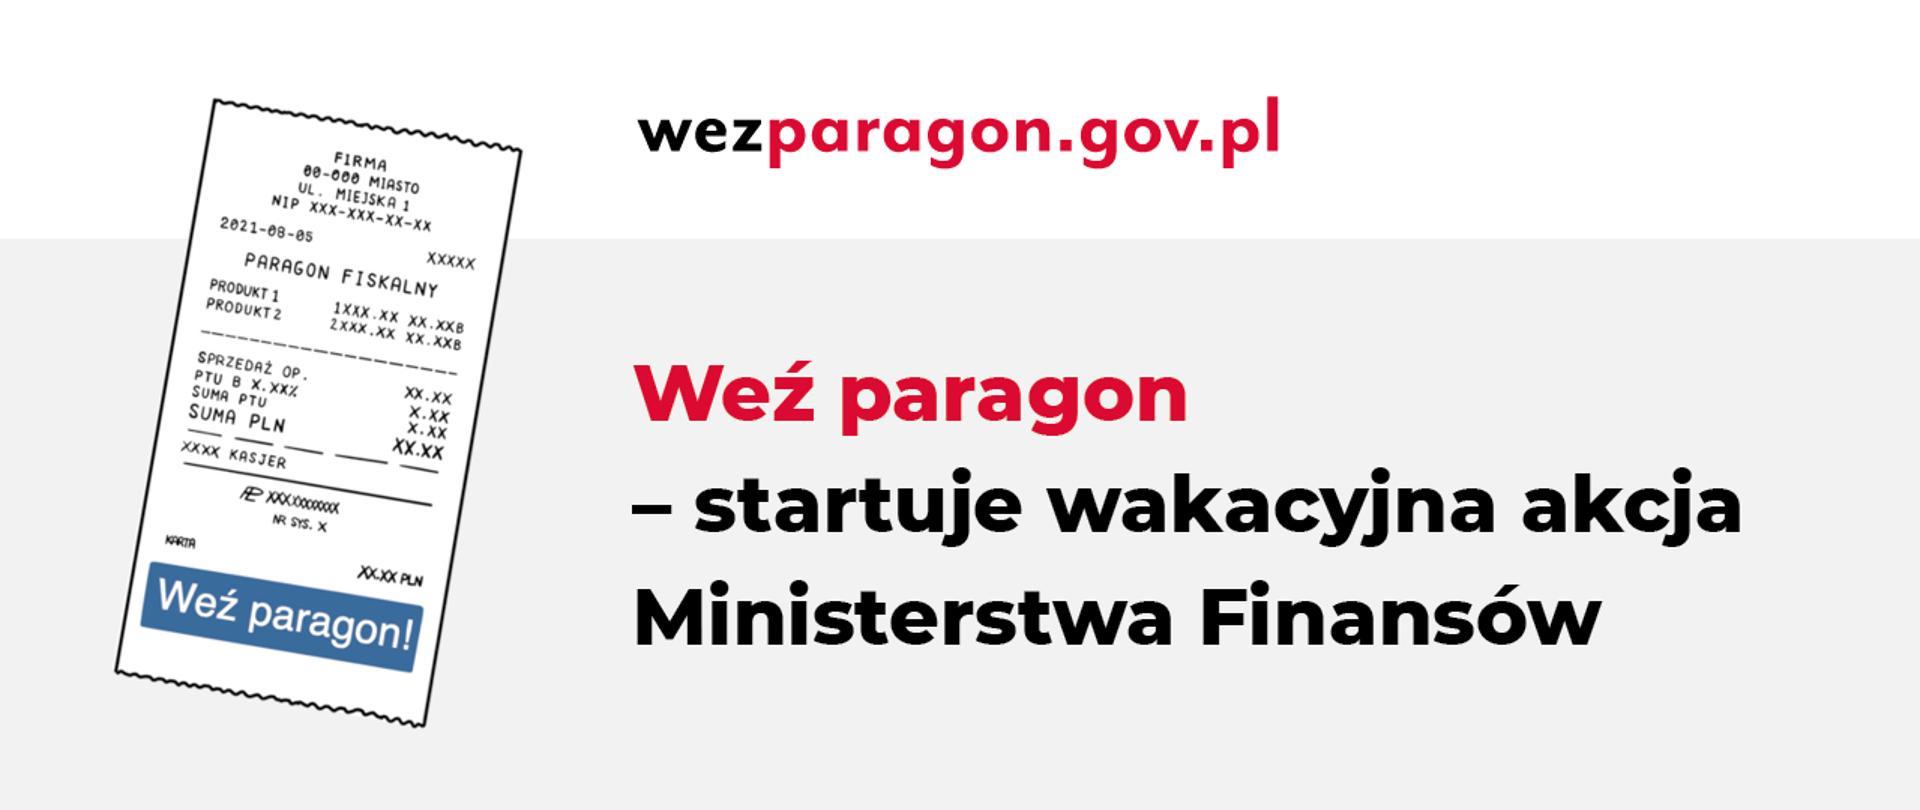 Po lewej stronie paragon fiskalny a po prawej napis startuje wakacyjna akcja Ministerstwa Fiansnów